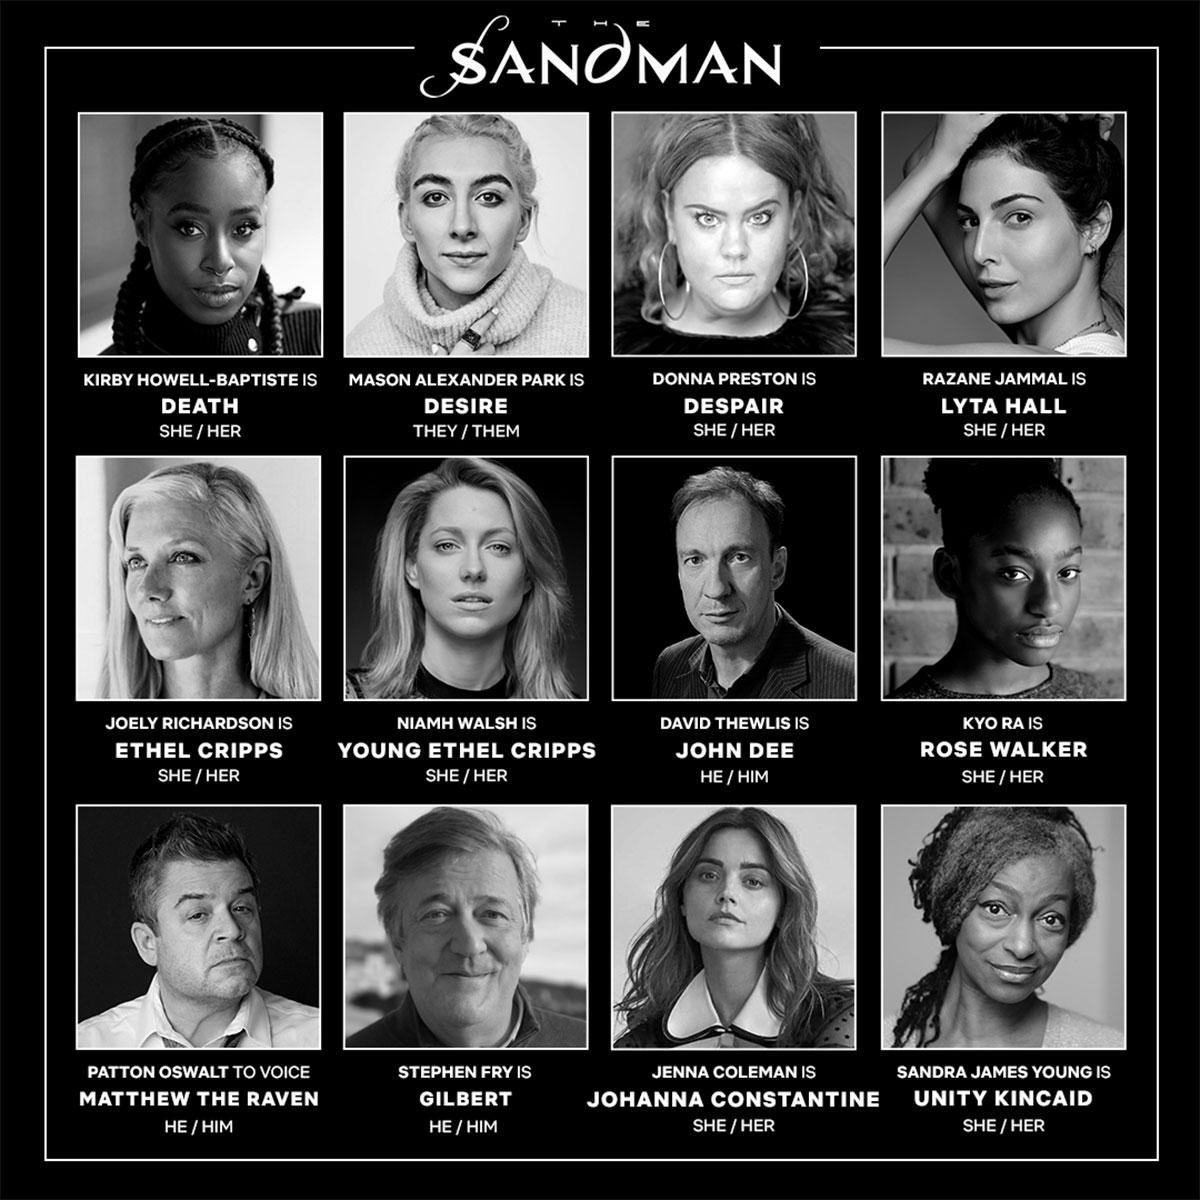 Morte Desiderio Disperazione e gli altri personaggi di The Sandman